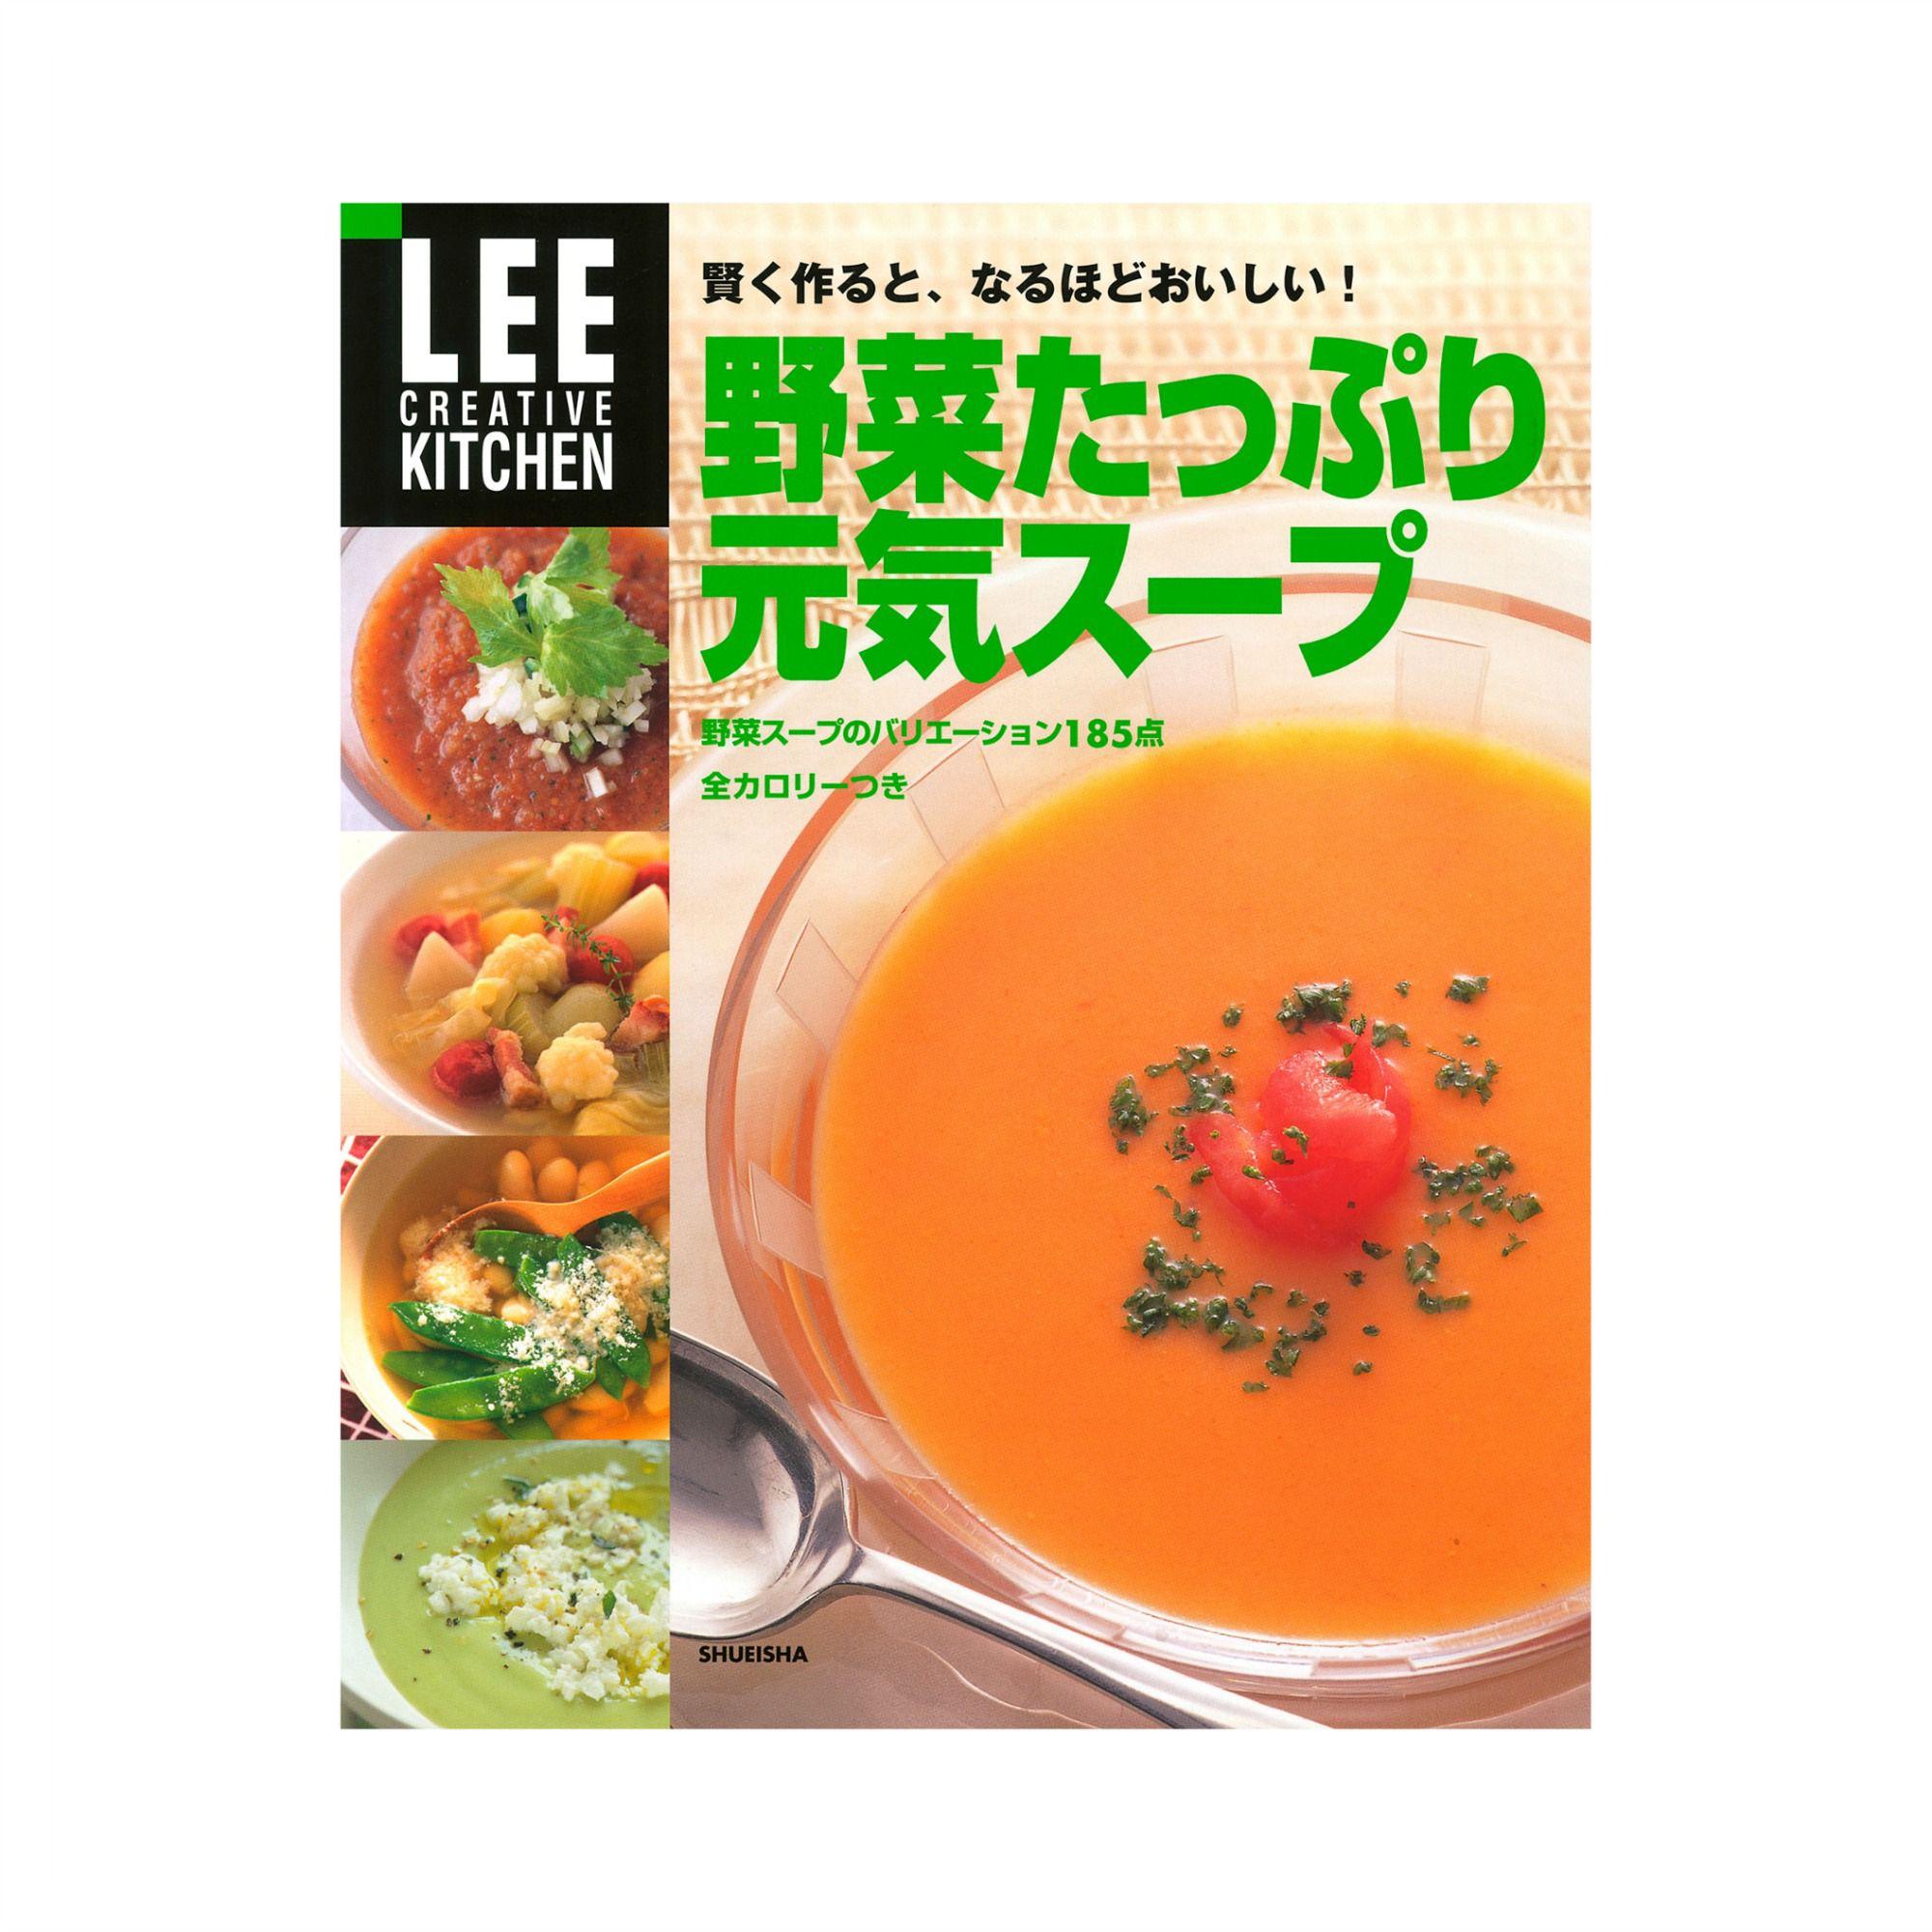 集英社 FLAGSHOPで買える「集英社(シュウエイシャ/LEE CREATIVE KITCHEN 野菜たっぷり元気スープ」の画像です。価格は1,296円になります。